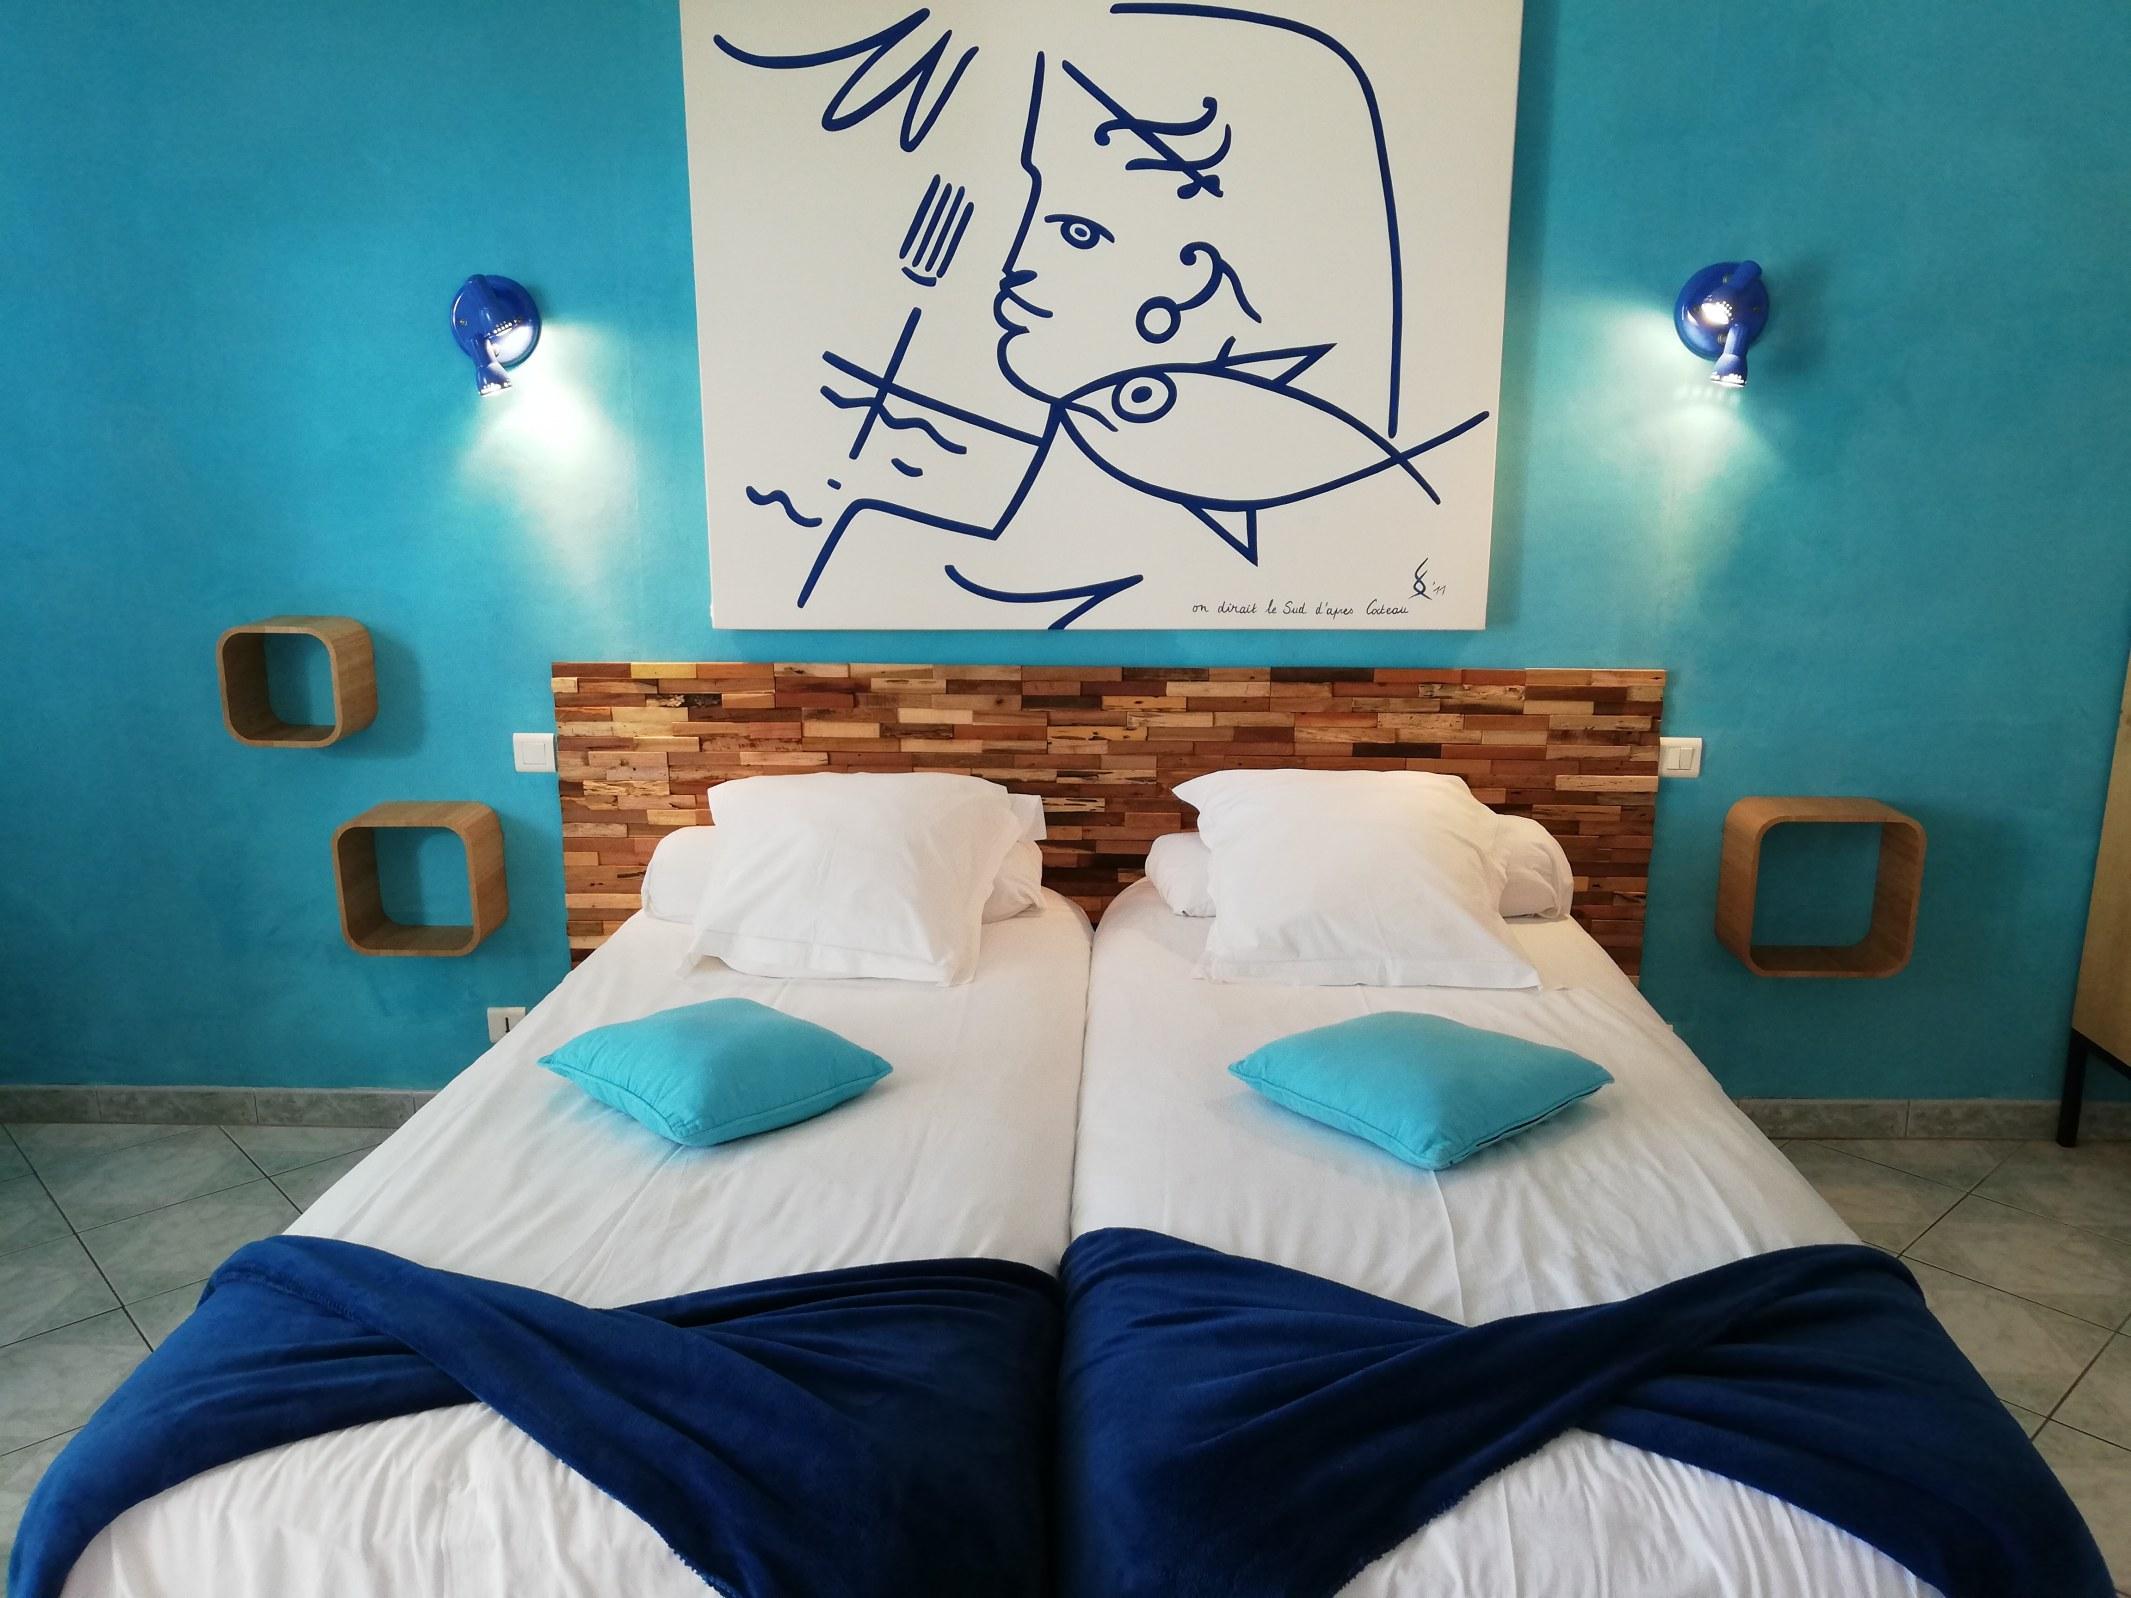 chambres d'hotes Cocteau St Raphael